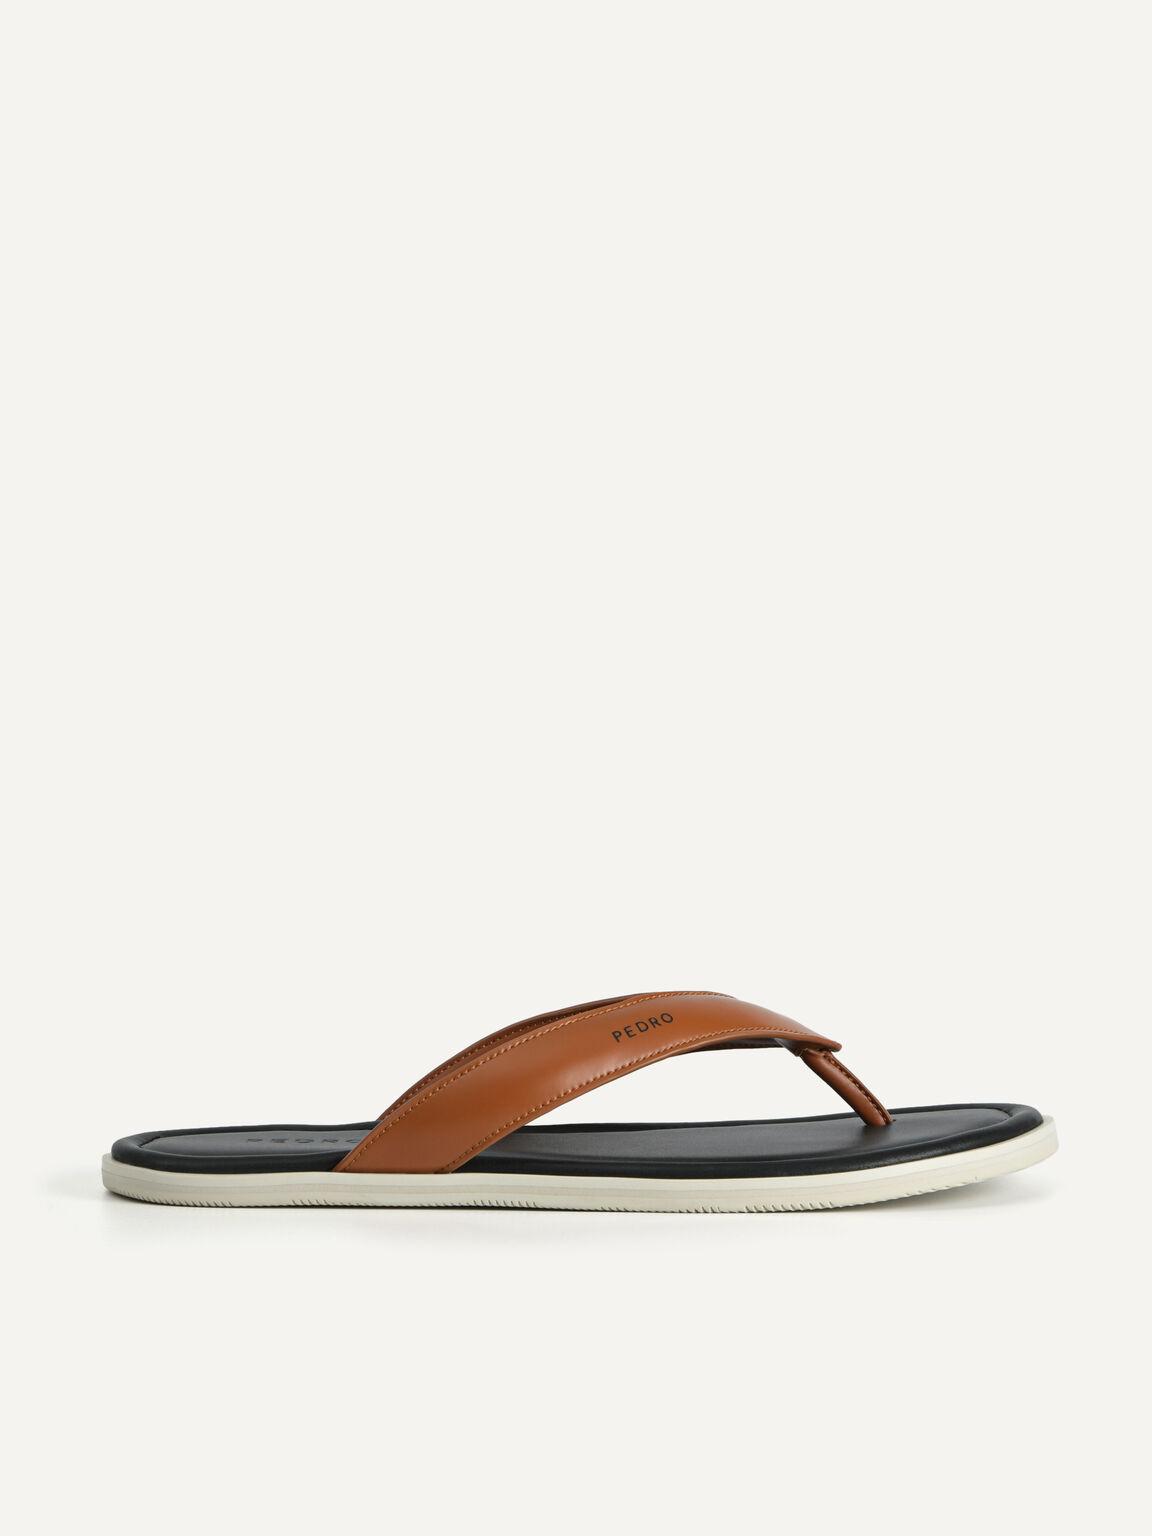 軟墊人字拖鞋, 棕色, hi-res